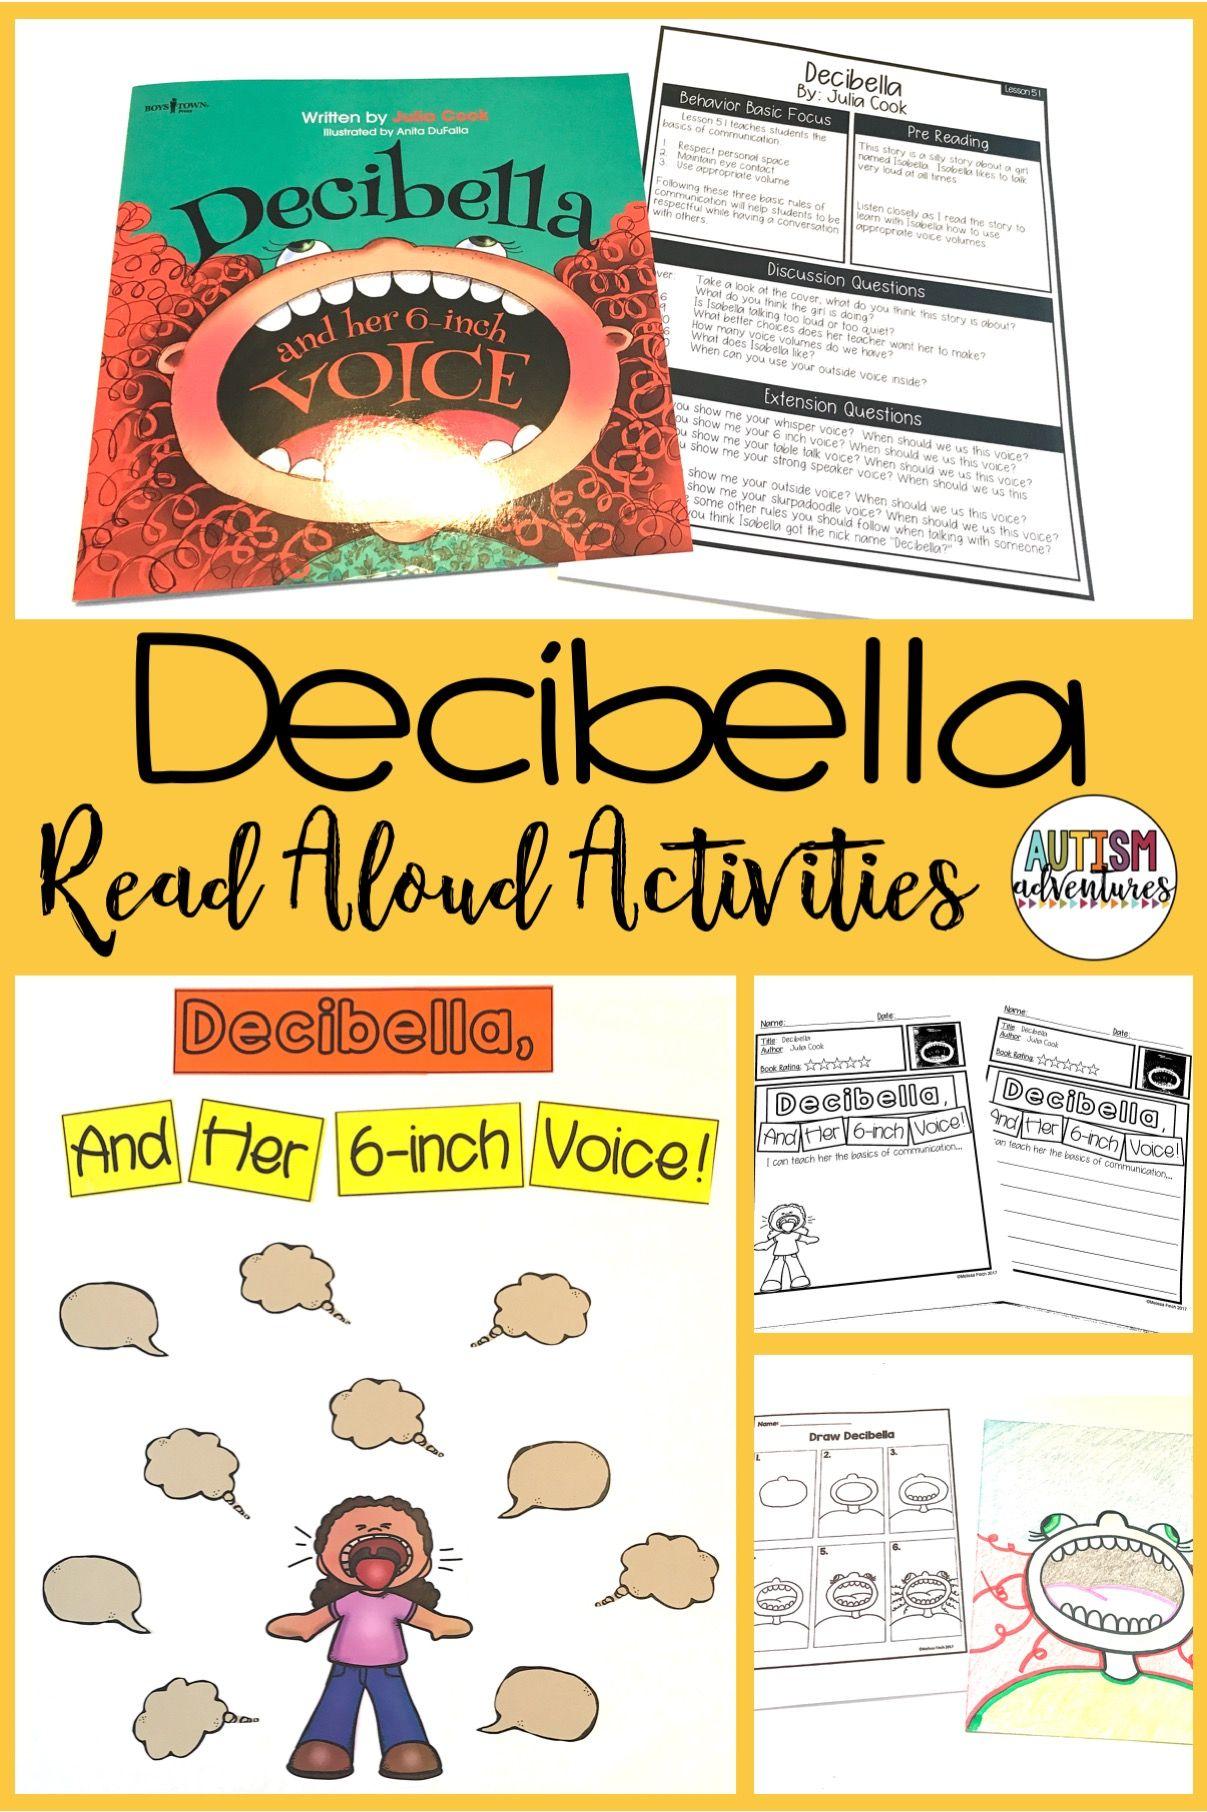 Decibella behavior basics book club read aloud